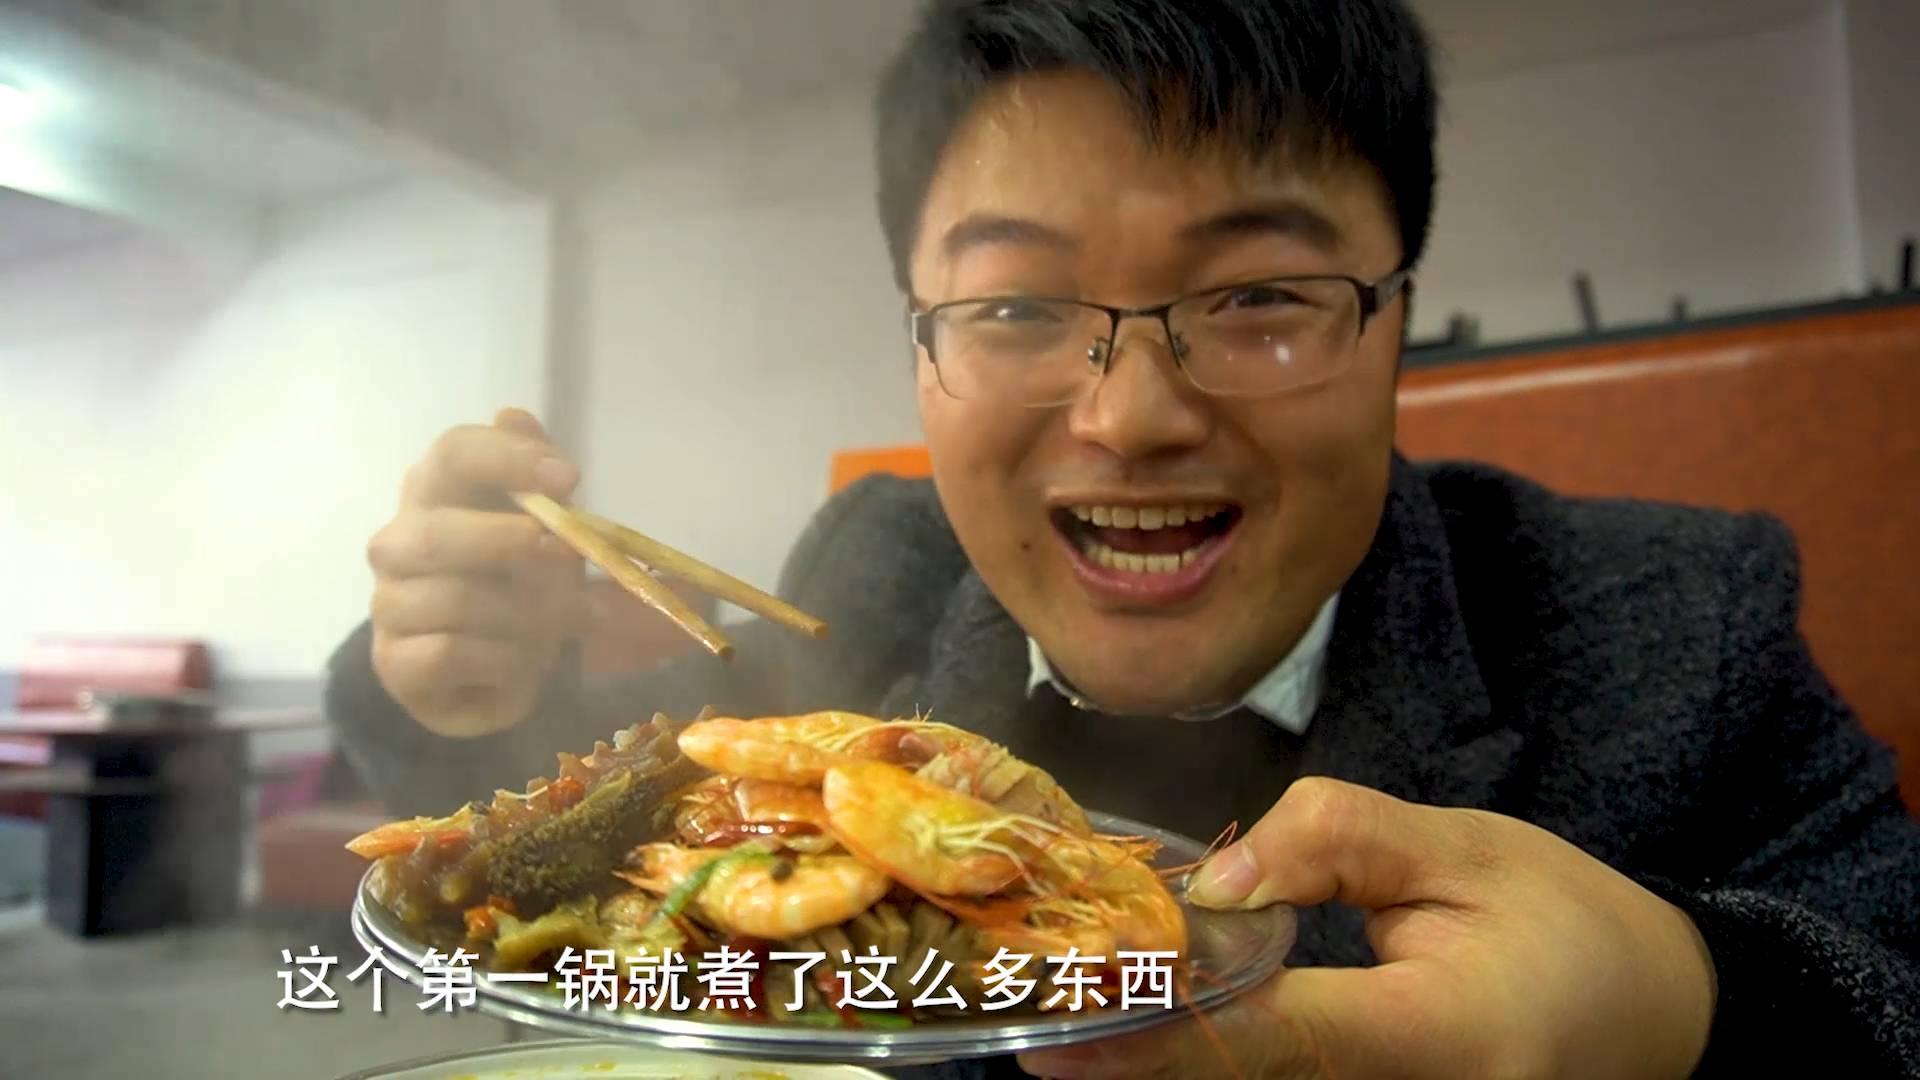 再探镇上自助餐,大sao一个人吃五锅,服务员都嫌弃了,吃得真香